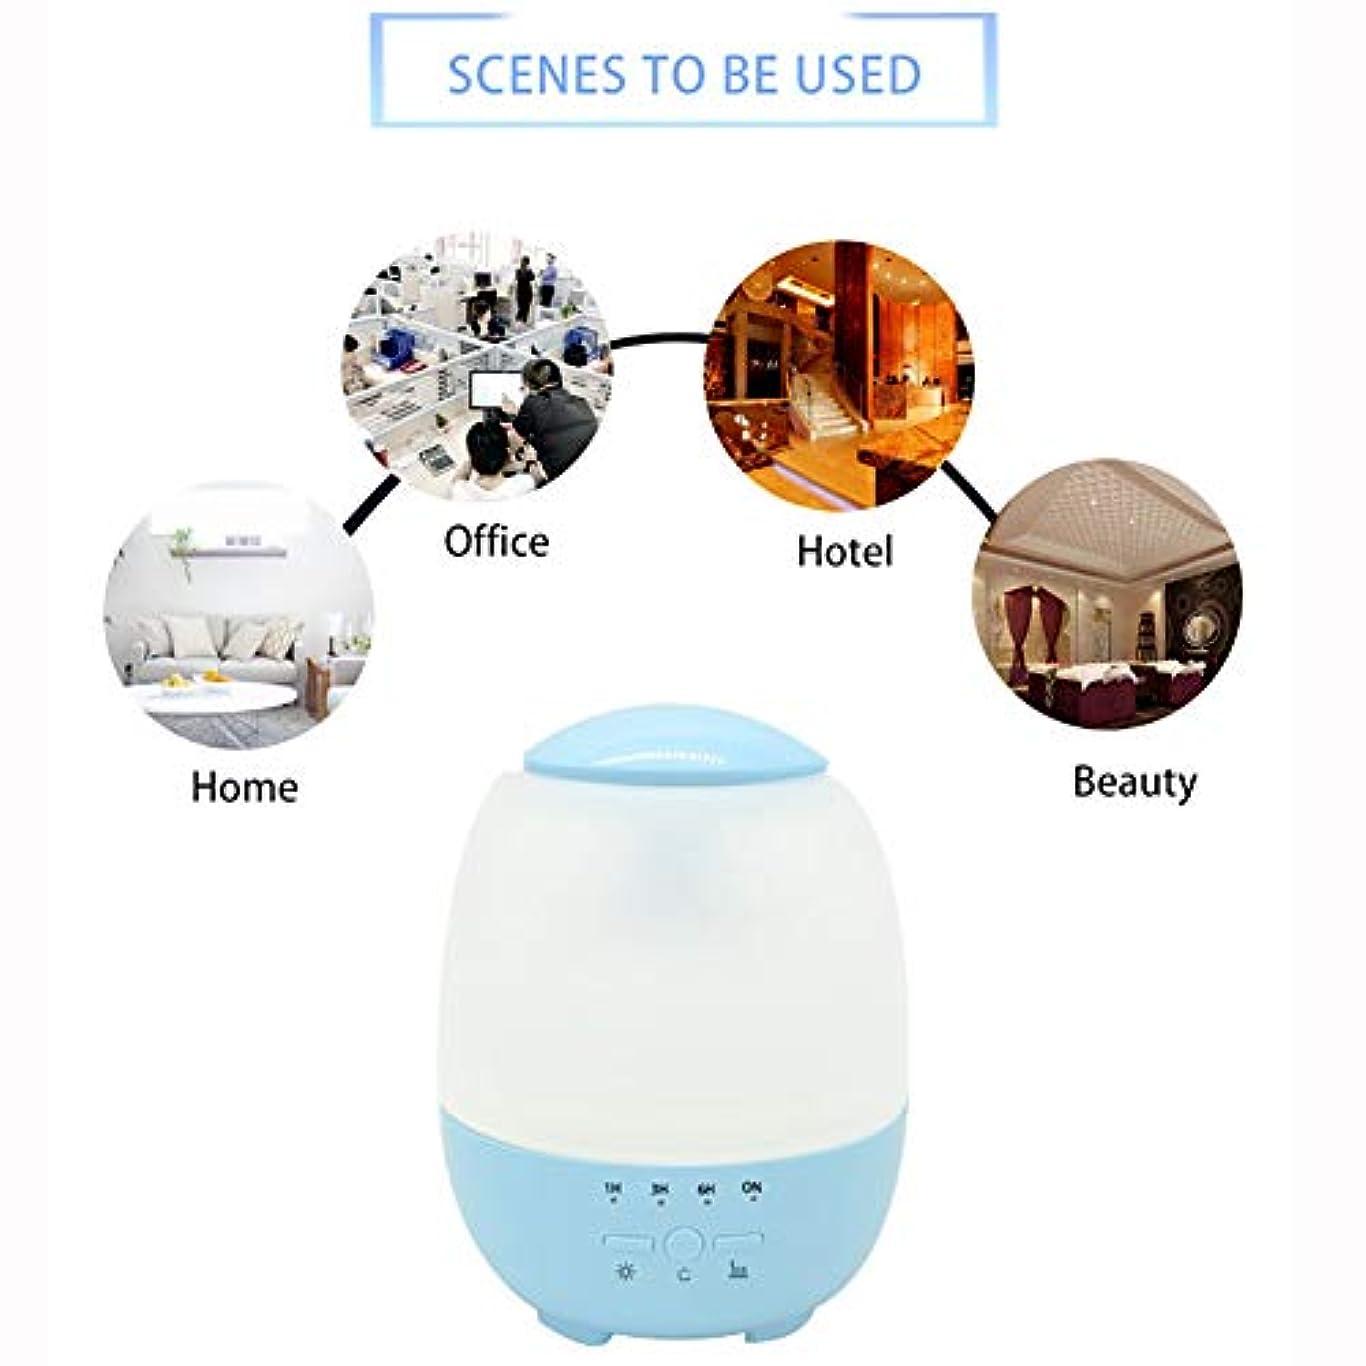 ポンド軽くカビエッセンシャルオイルディフューザーと加湿器、ミストエッセンシャルオイルアロマ加湿器用の超音波アロマディフューザー、7色LEDライト,Blue